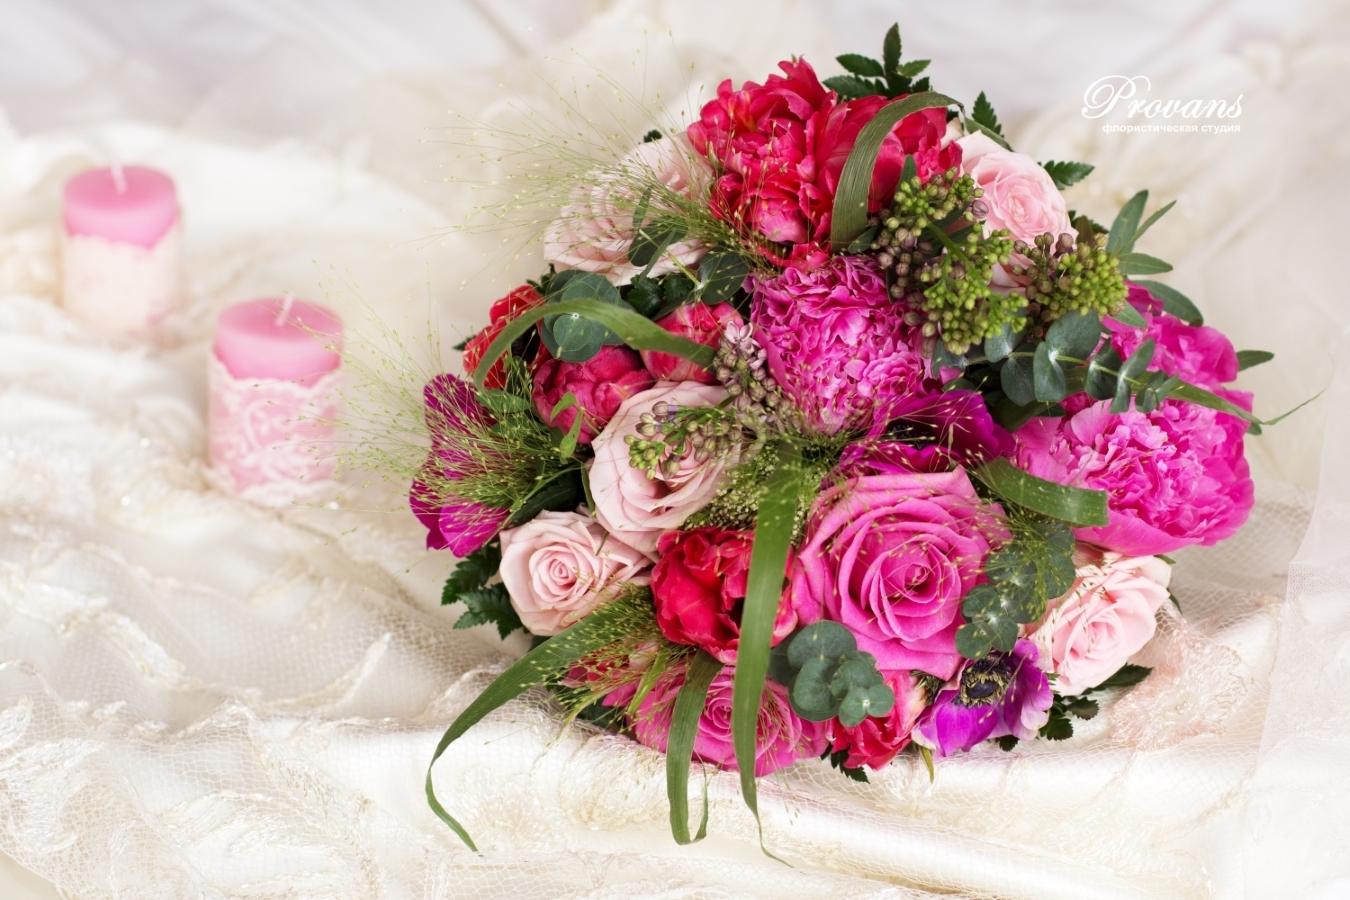 Свадебный букет. Розы, пионы, анемоны, сирень, тюльпаны